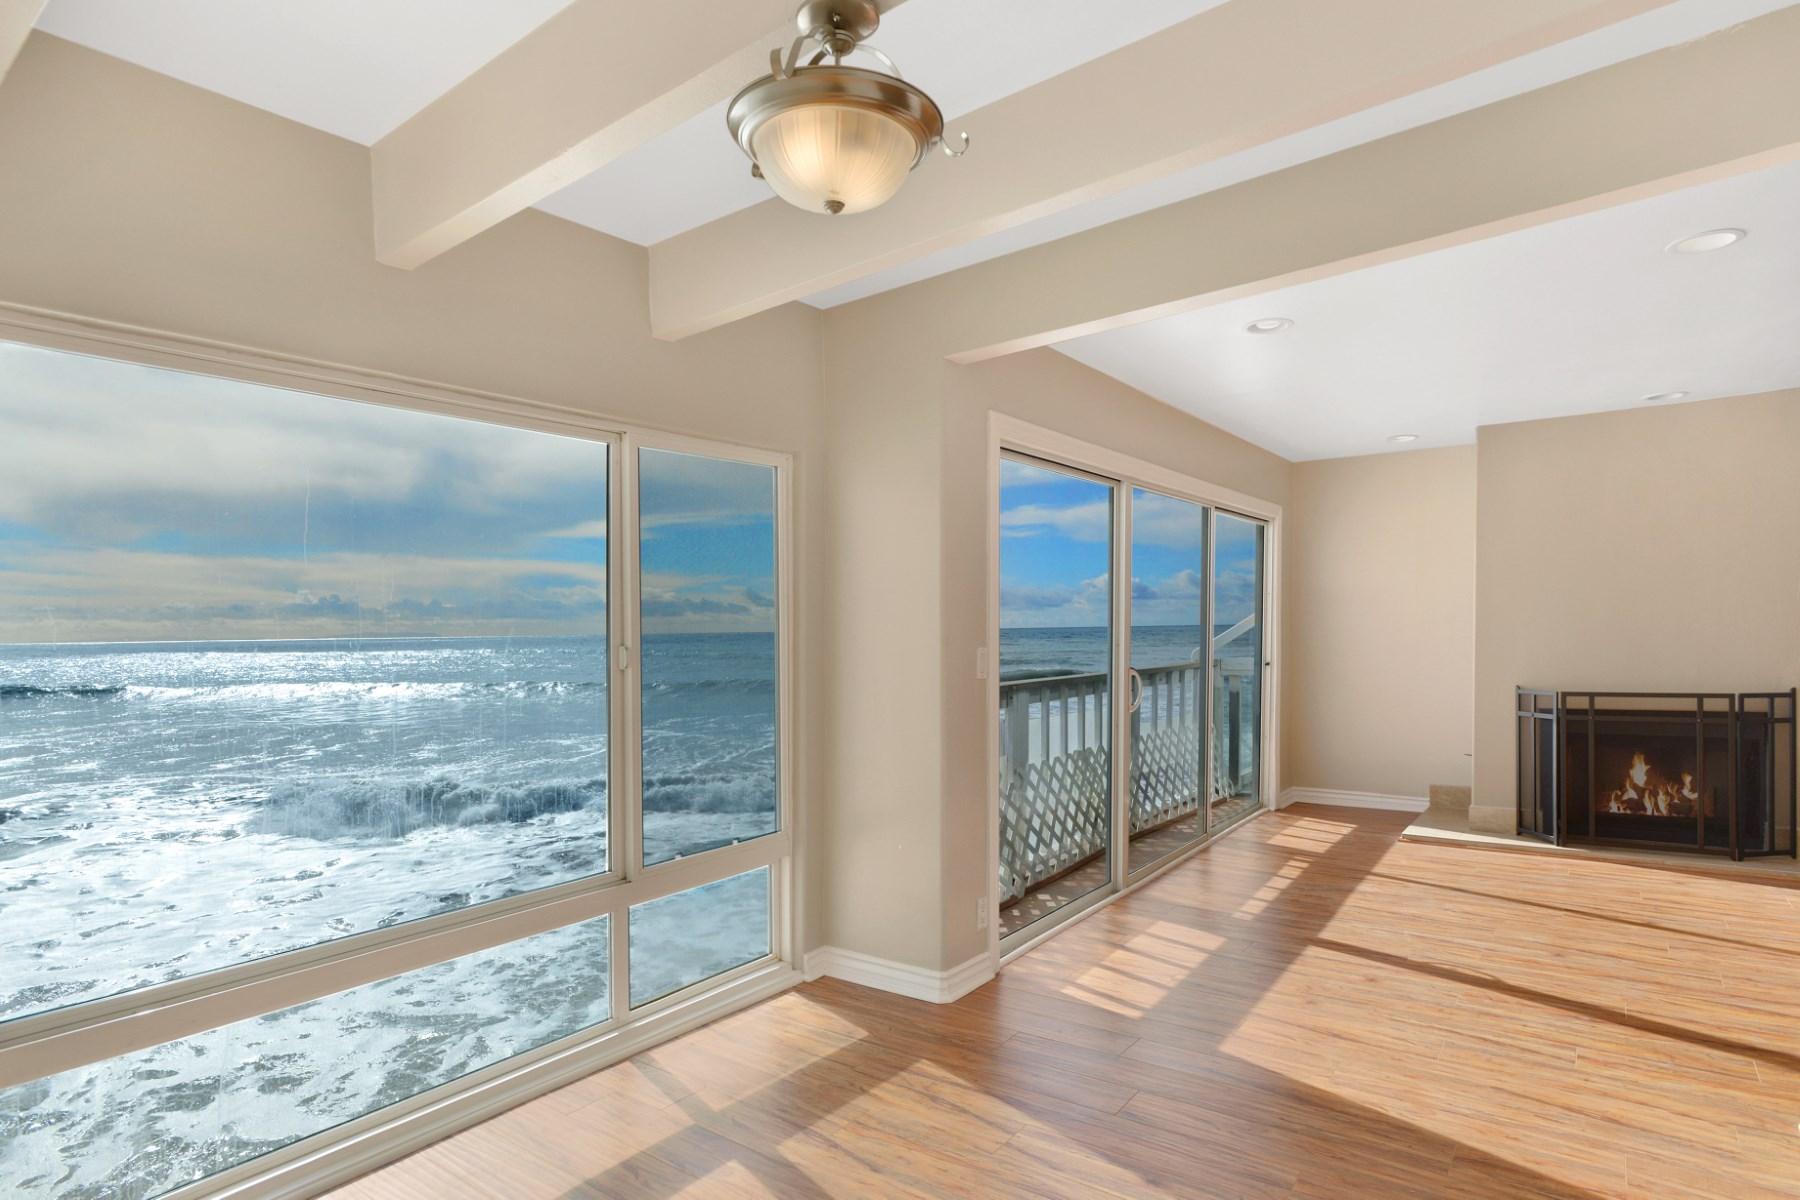 Tek Ailelik Ev için Satış at Las Tunas Beach 19302 Pacific Coast Hwy Malibu, Kaliforniya 90265 Amerika Birleşik Devletleri